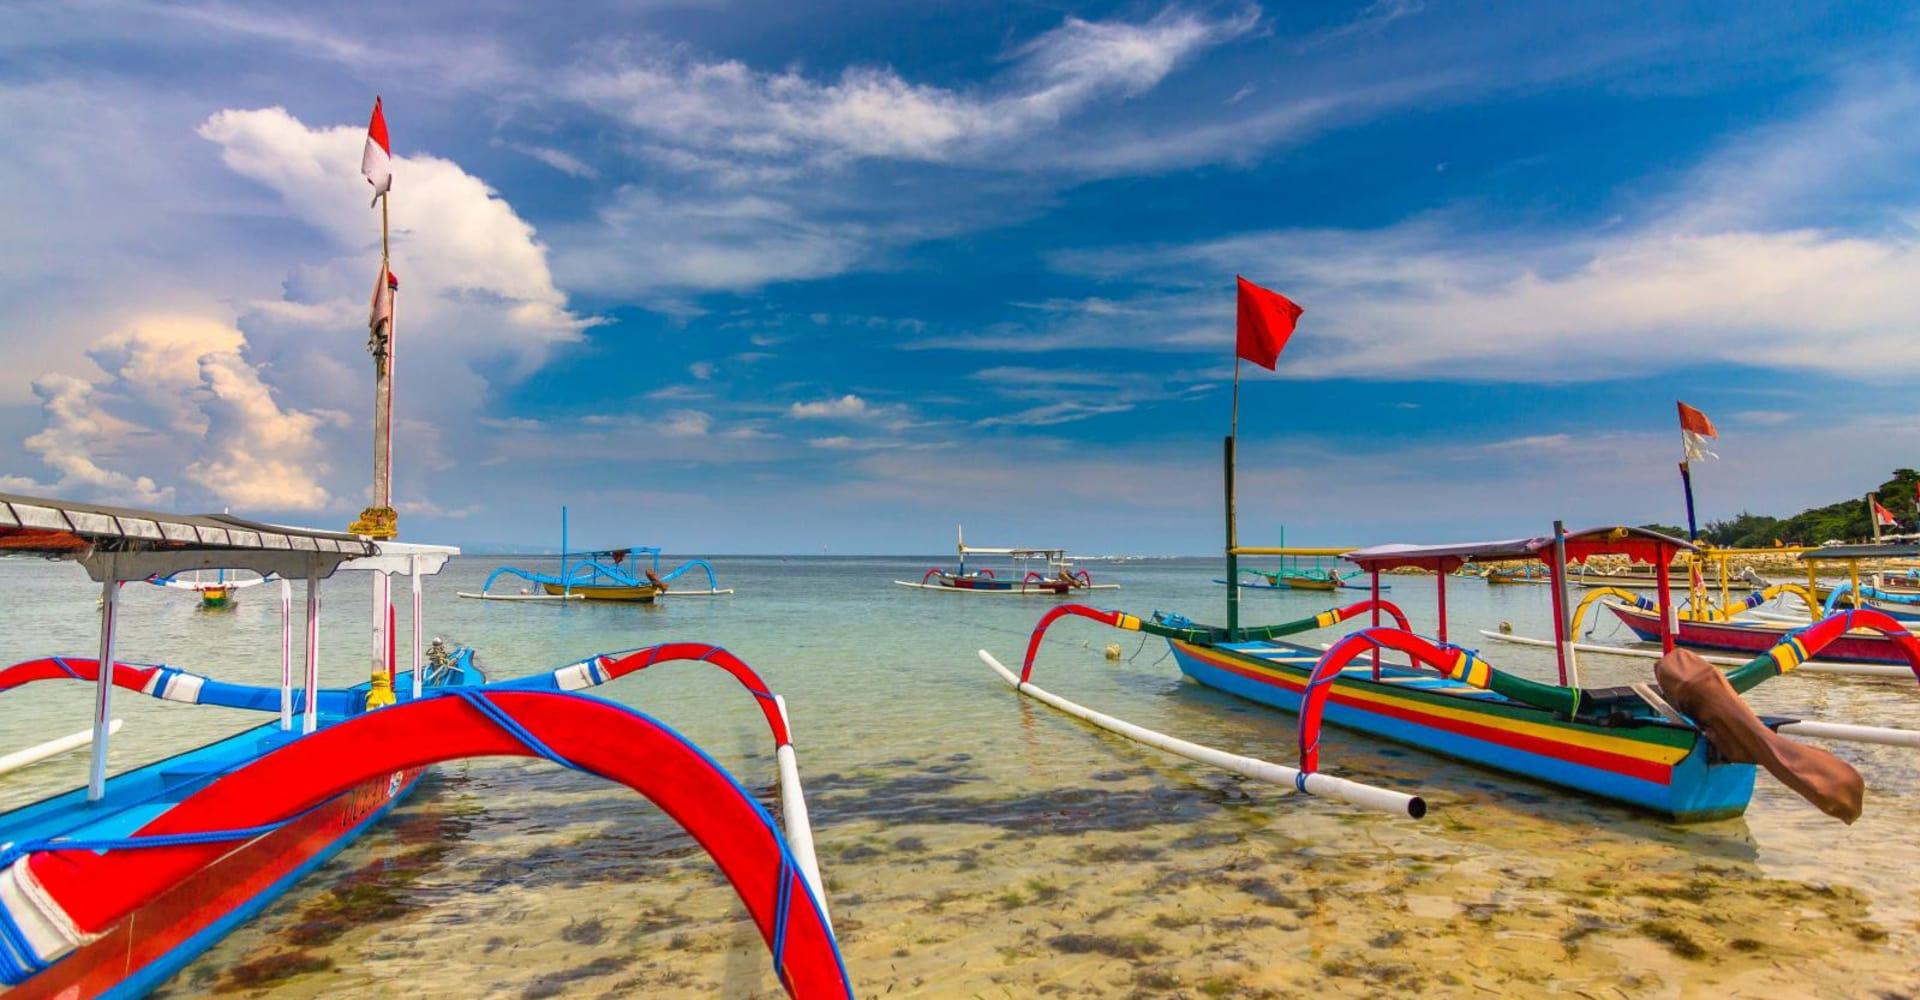 Sanur Town - The Pavilions Bali